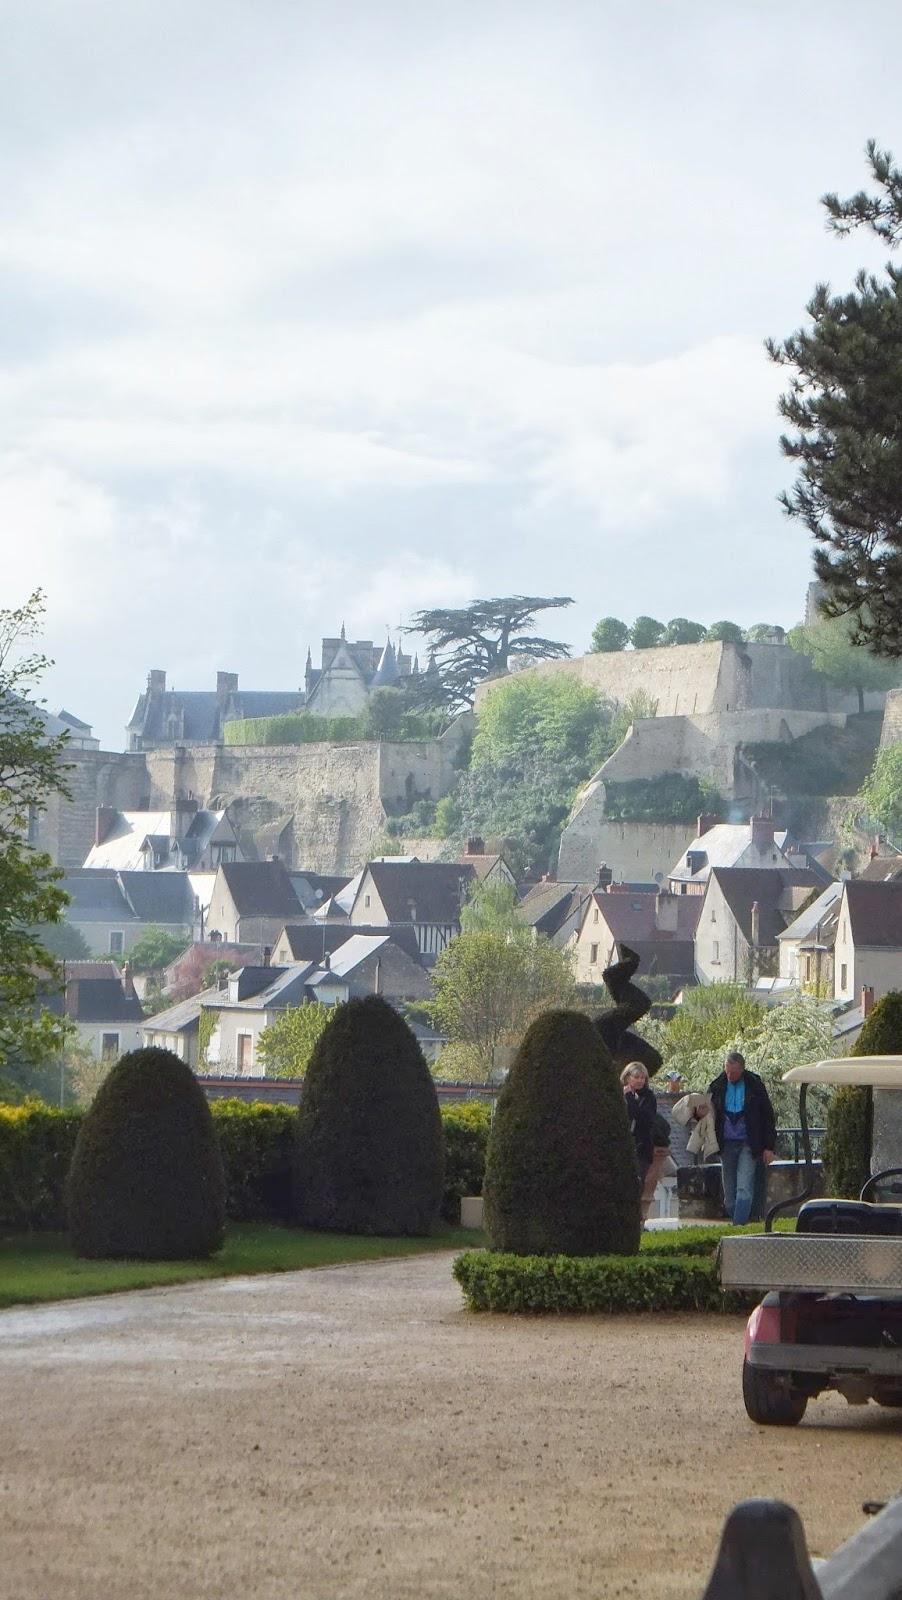 Leonardo en Amboise, Clos Lucé, Amboise, Da Vinci, Elisa N, Blog de Viajes, Lifestyle, Travel